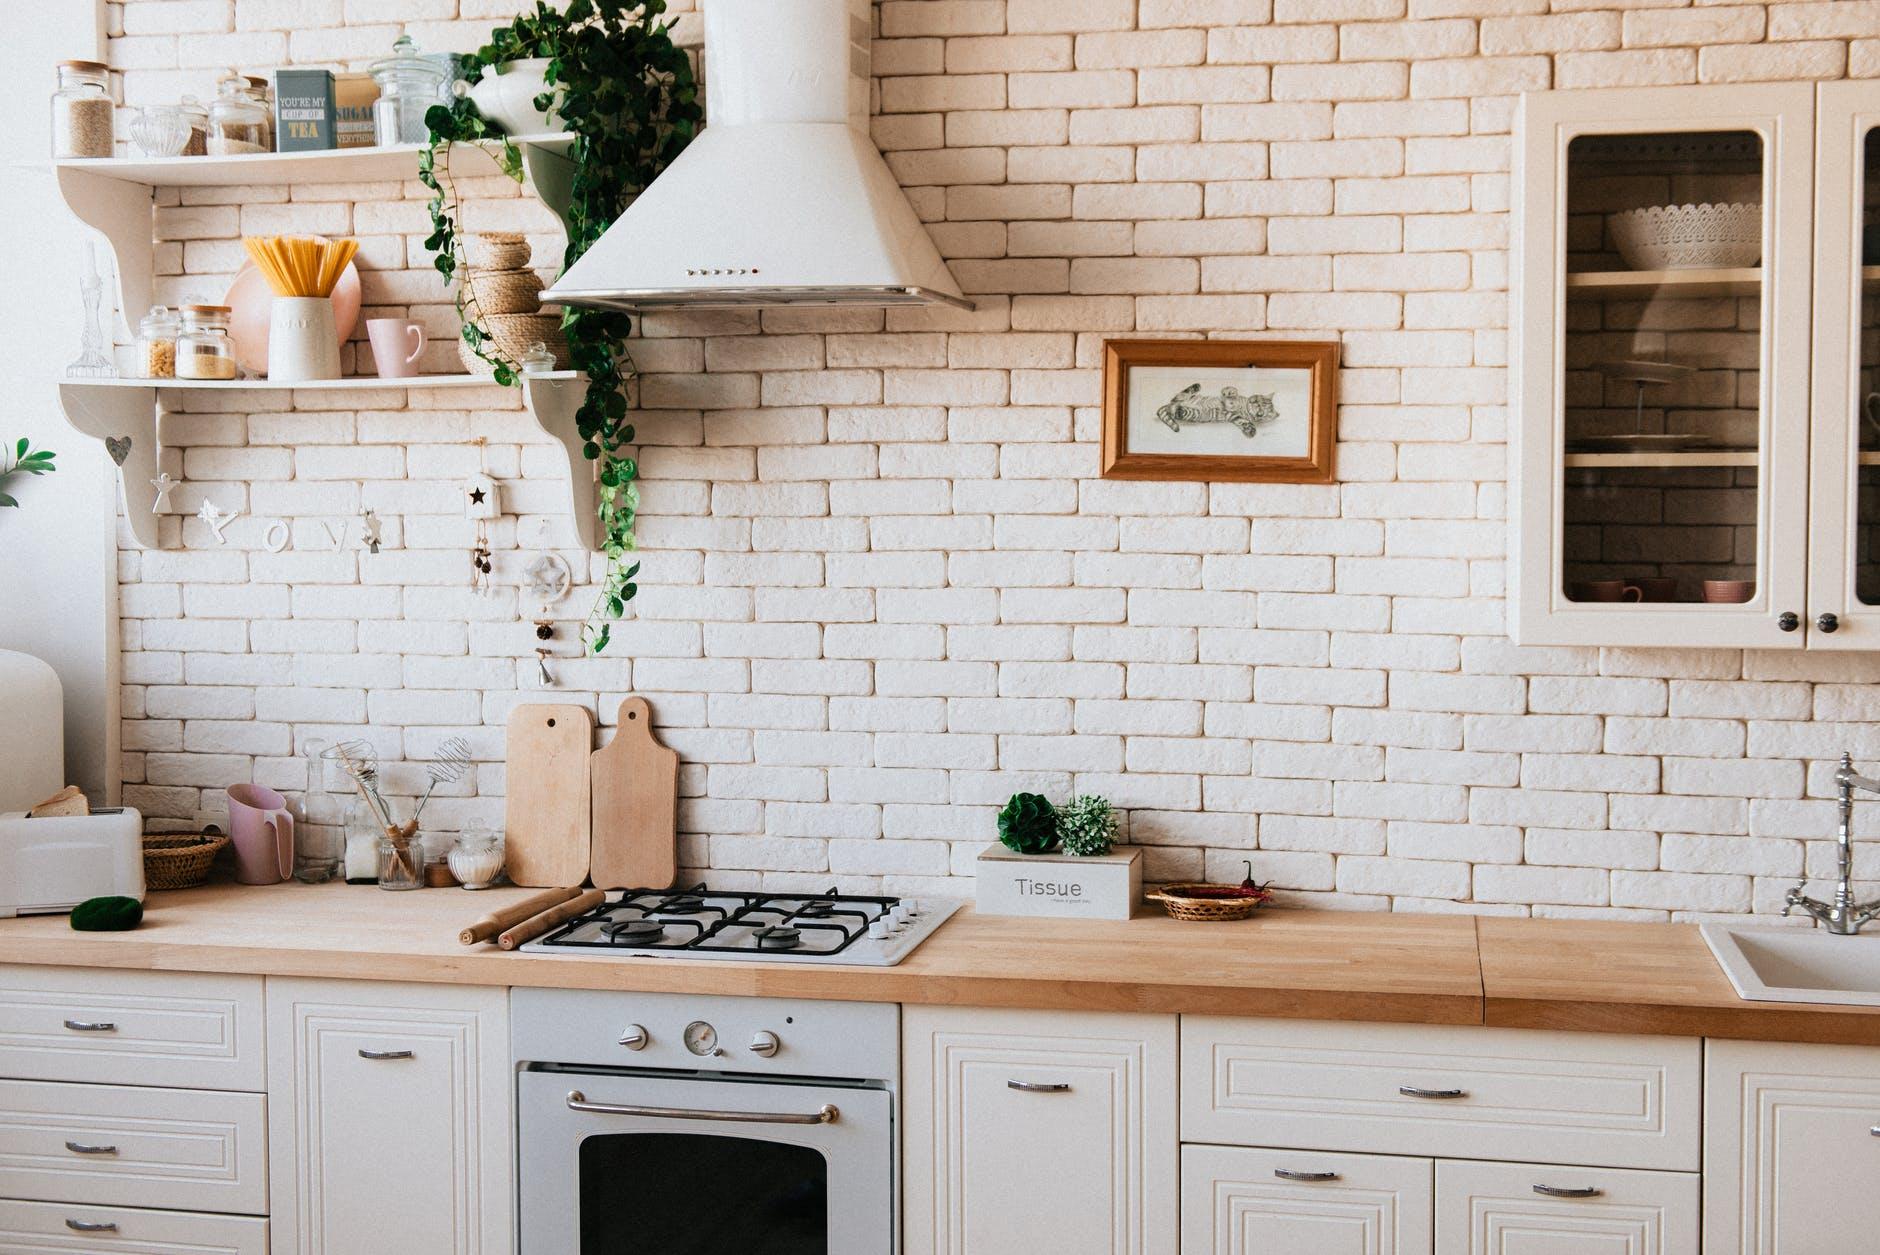 Une cuisine équipée peut être inscrite dans la liste annexée au compromis de vente qui permet une réduction des frais de notaire